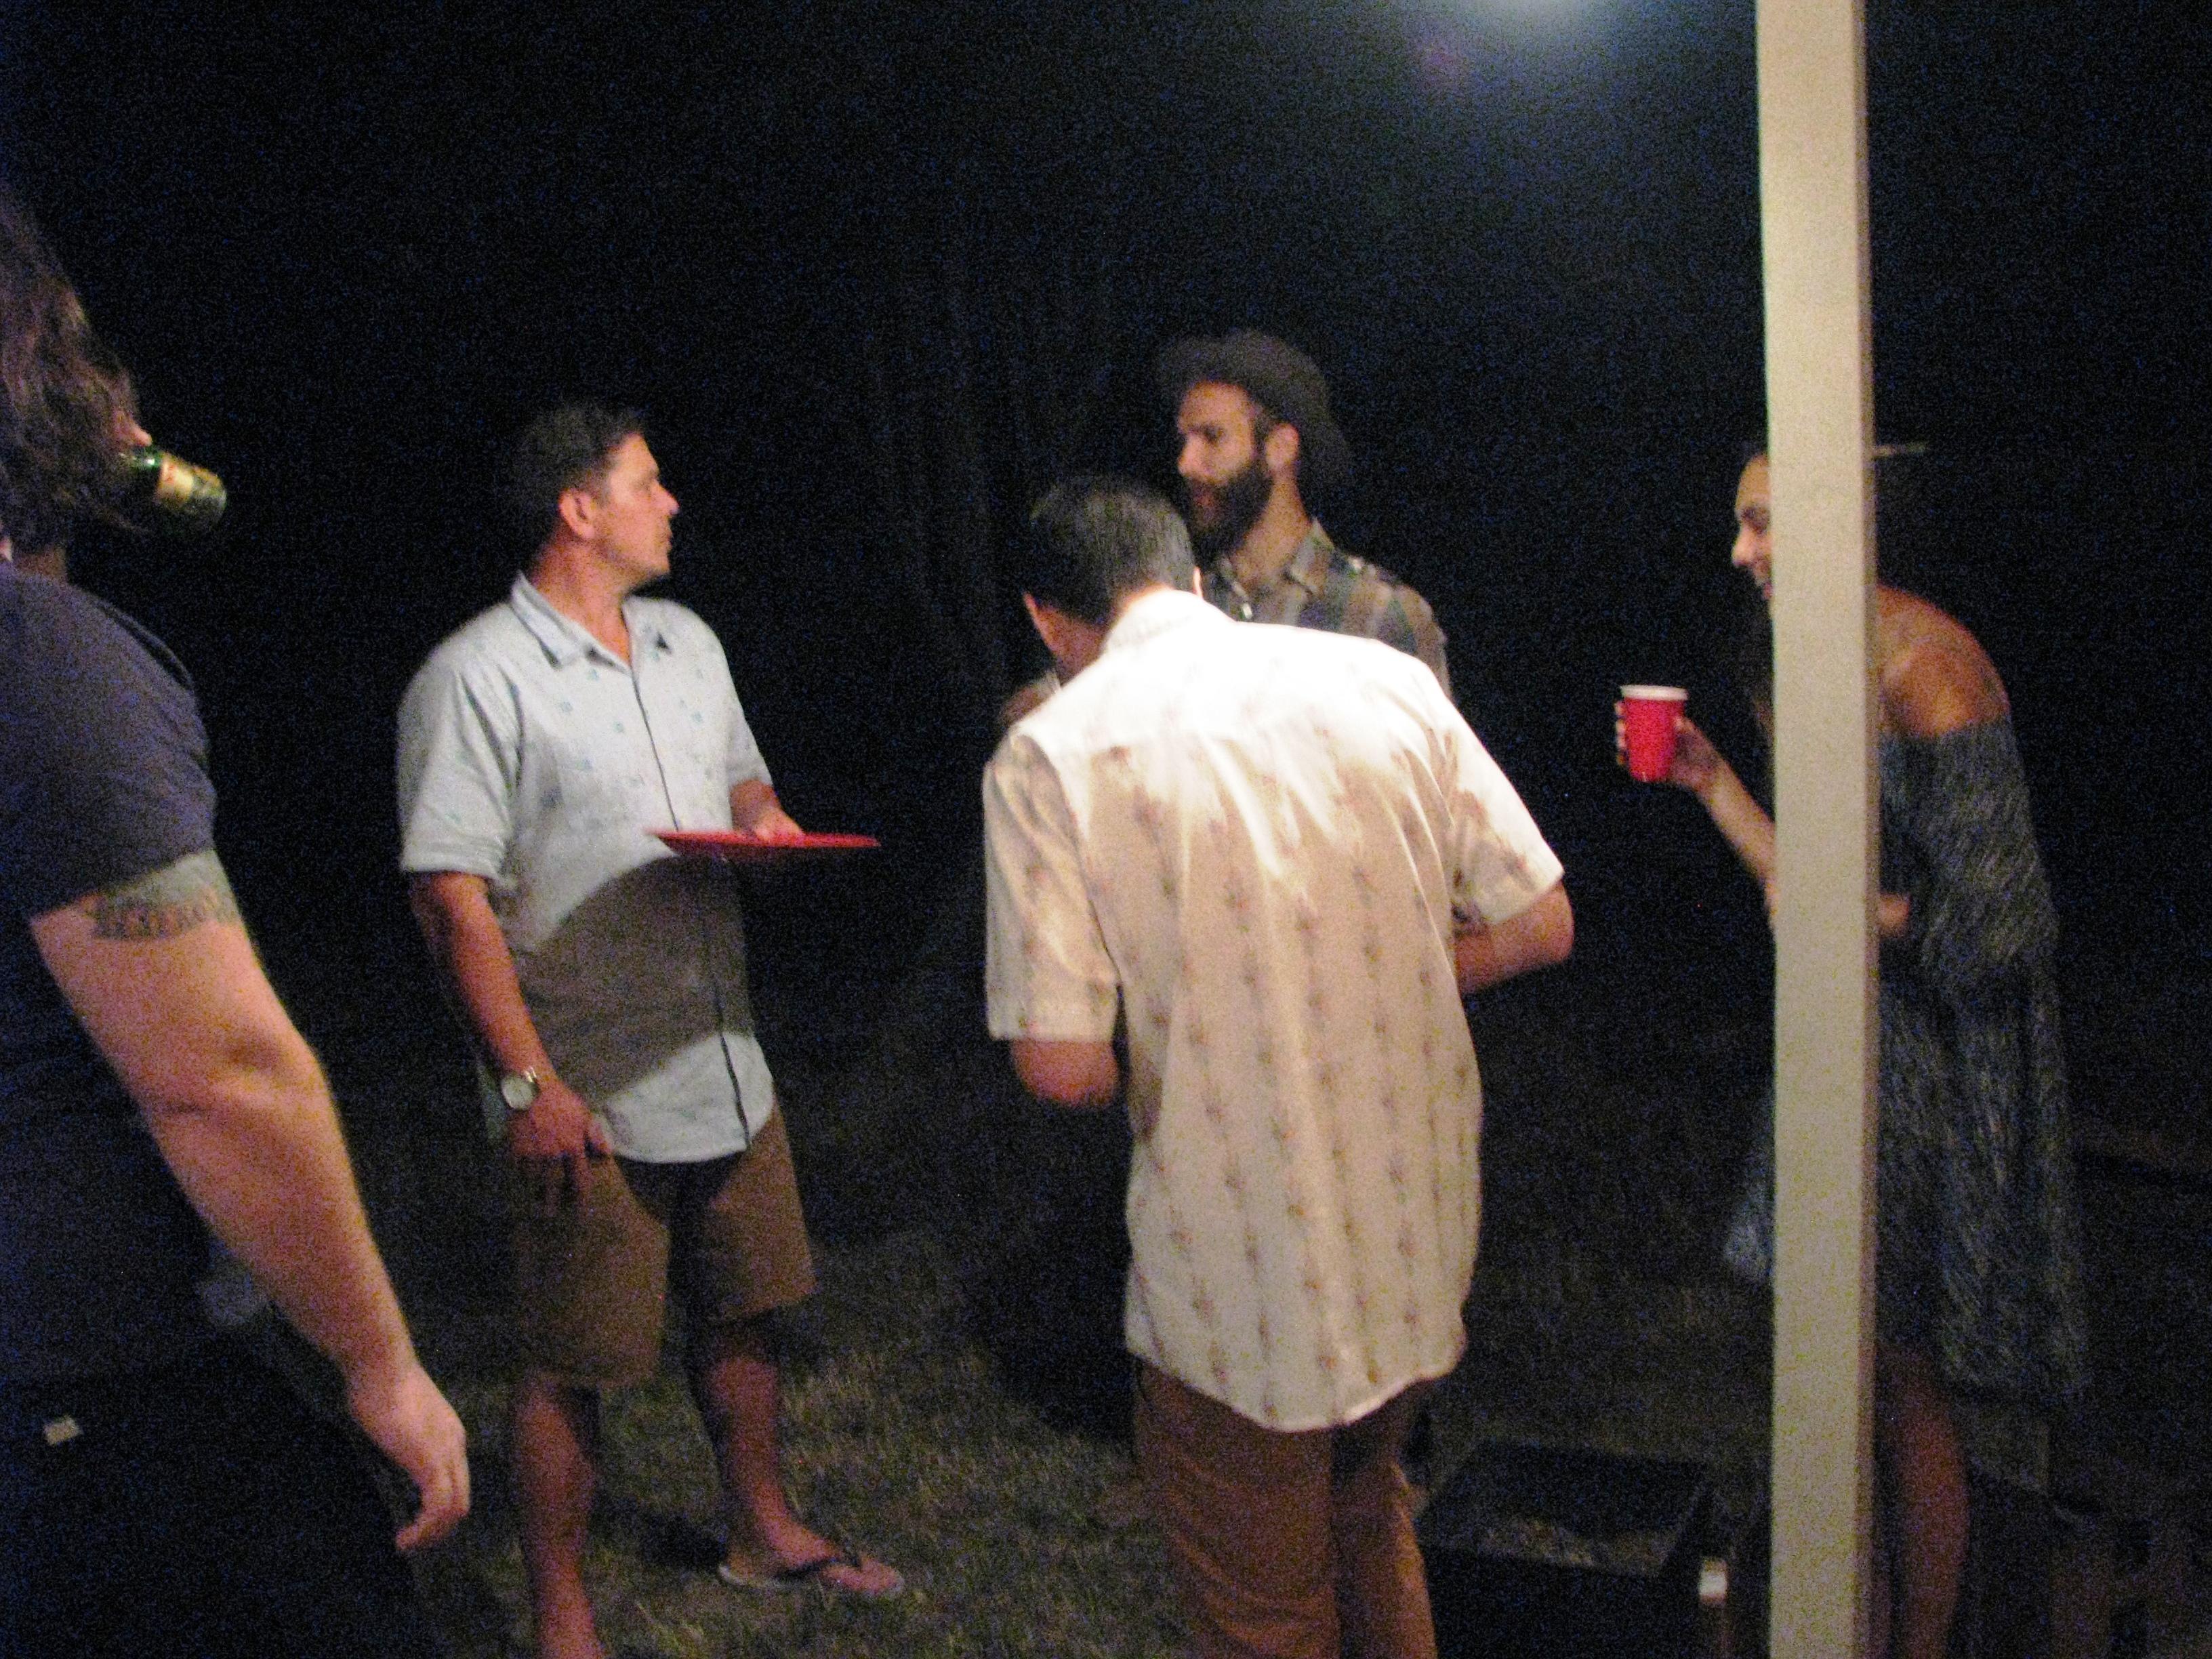 Joel telling story